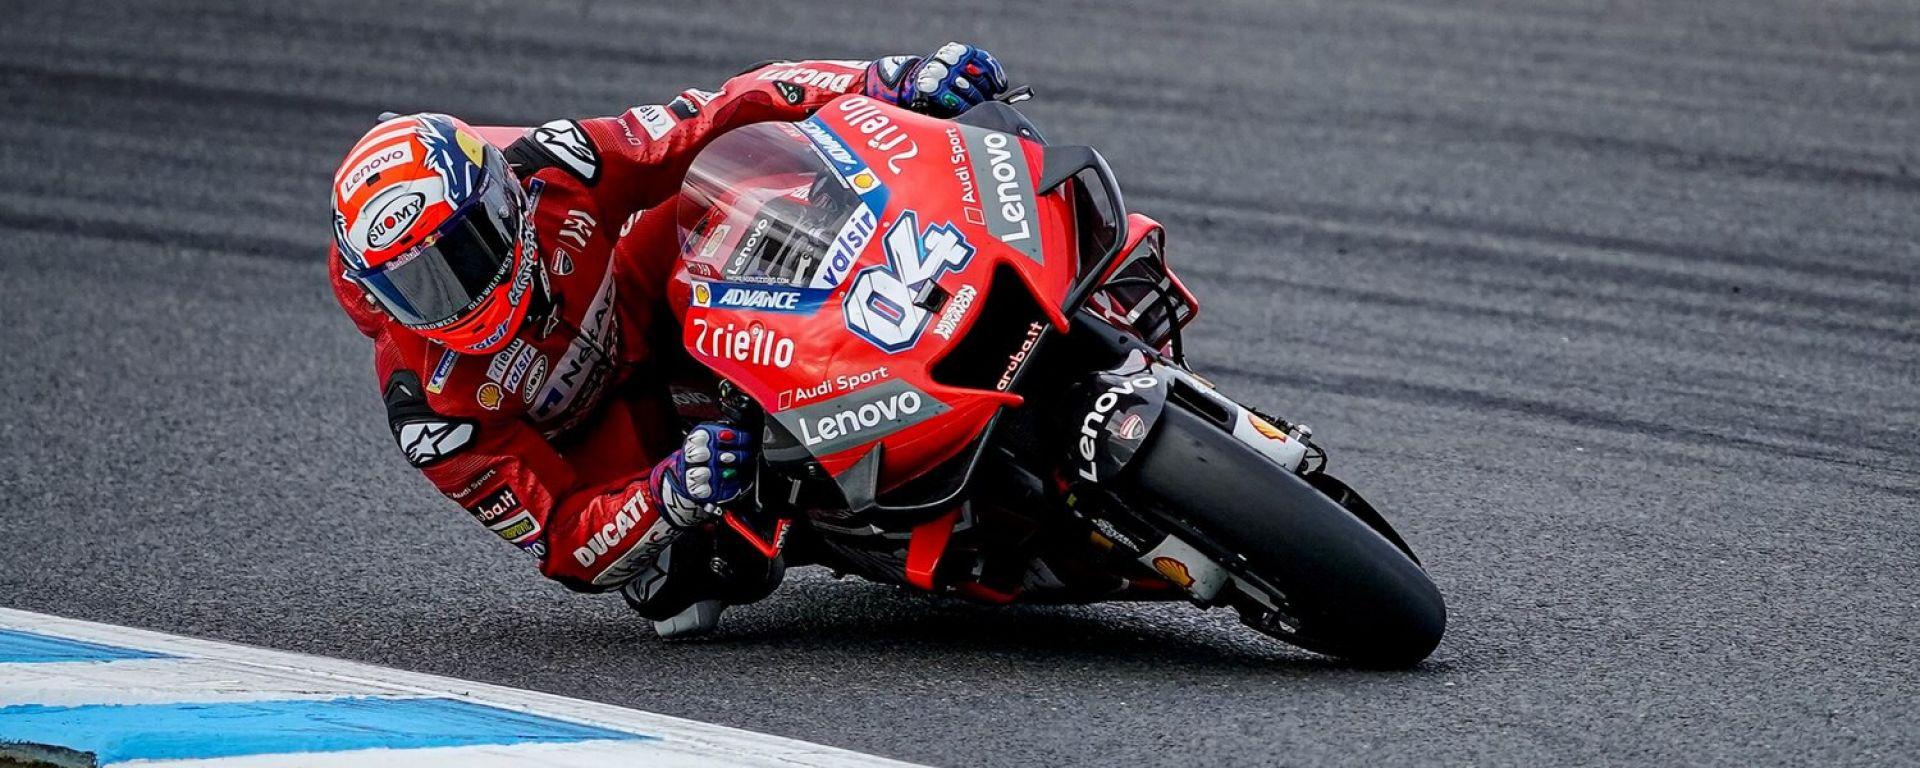 MotoGP, GP Giappone 2019: Andrea Dovizioso (Ducati)